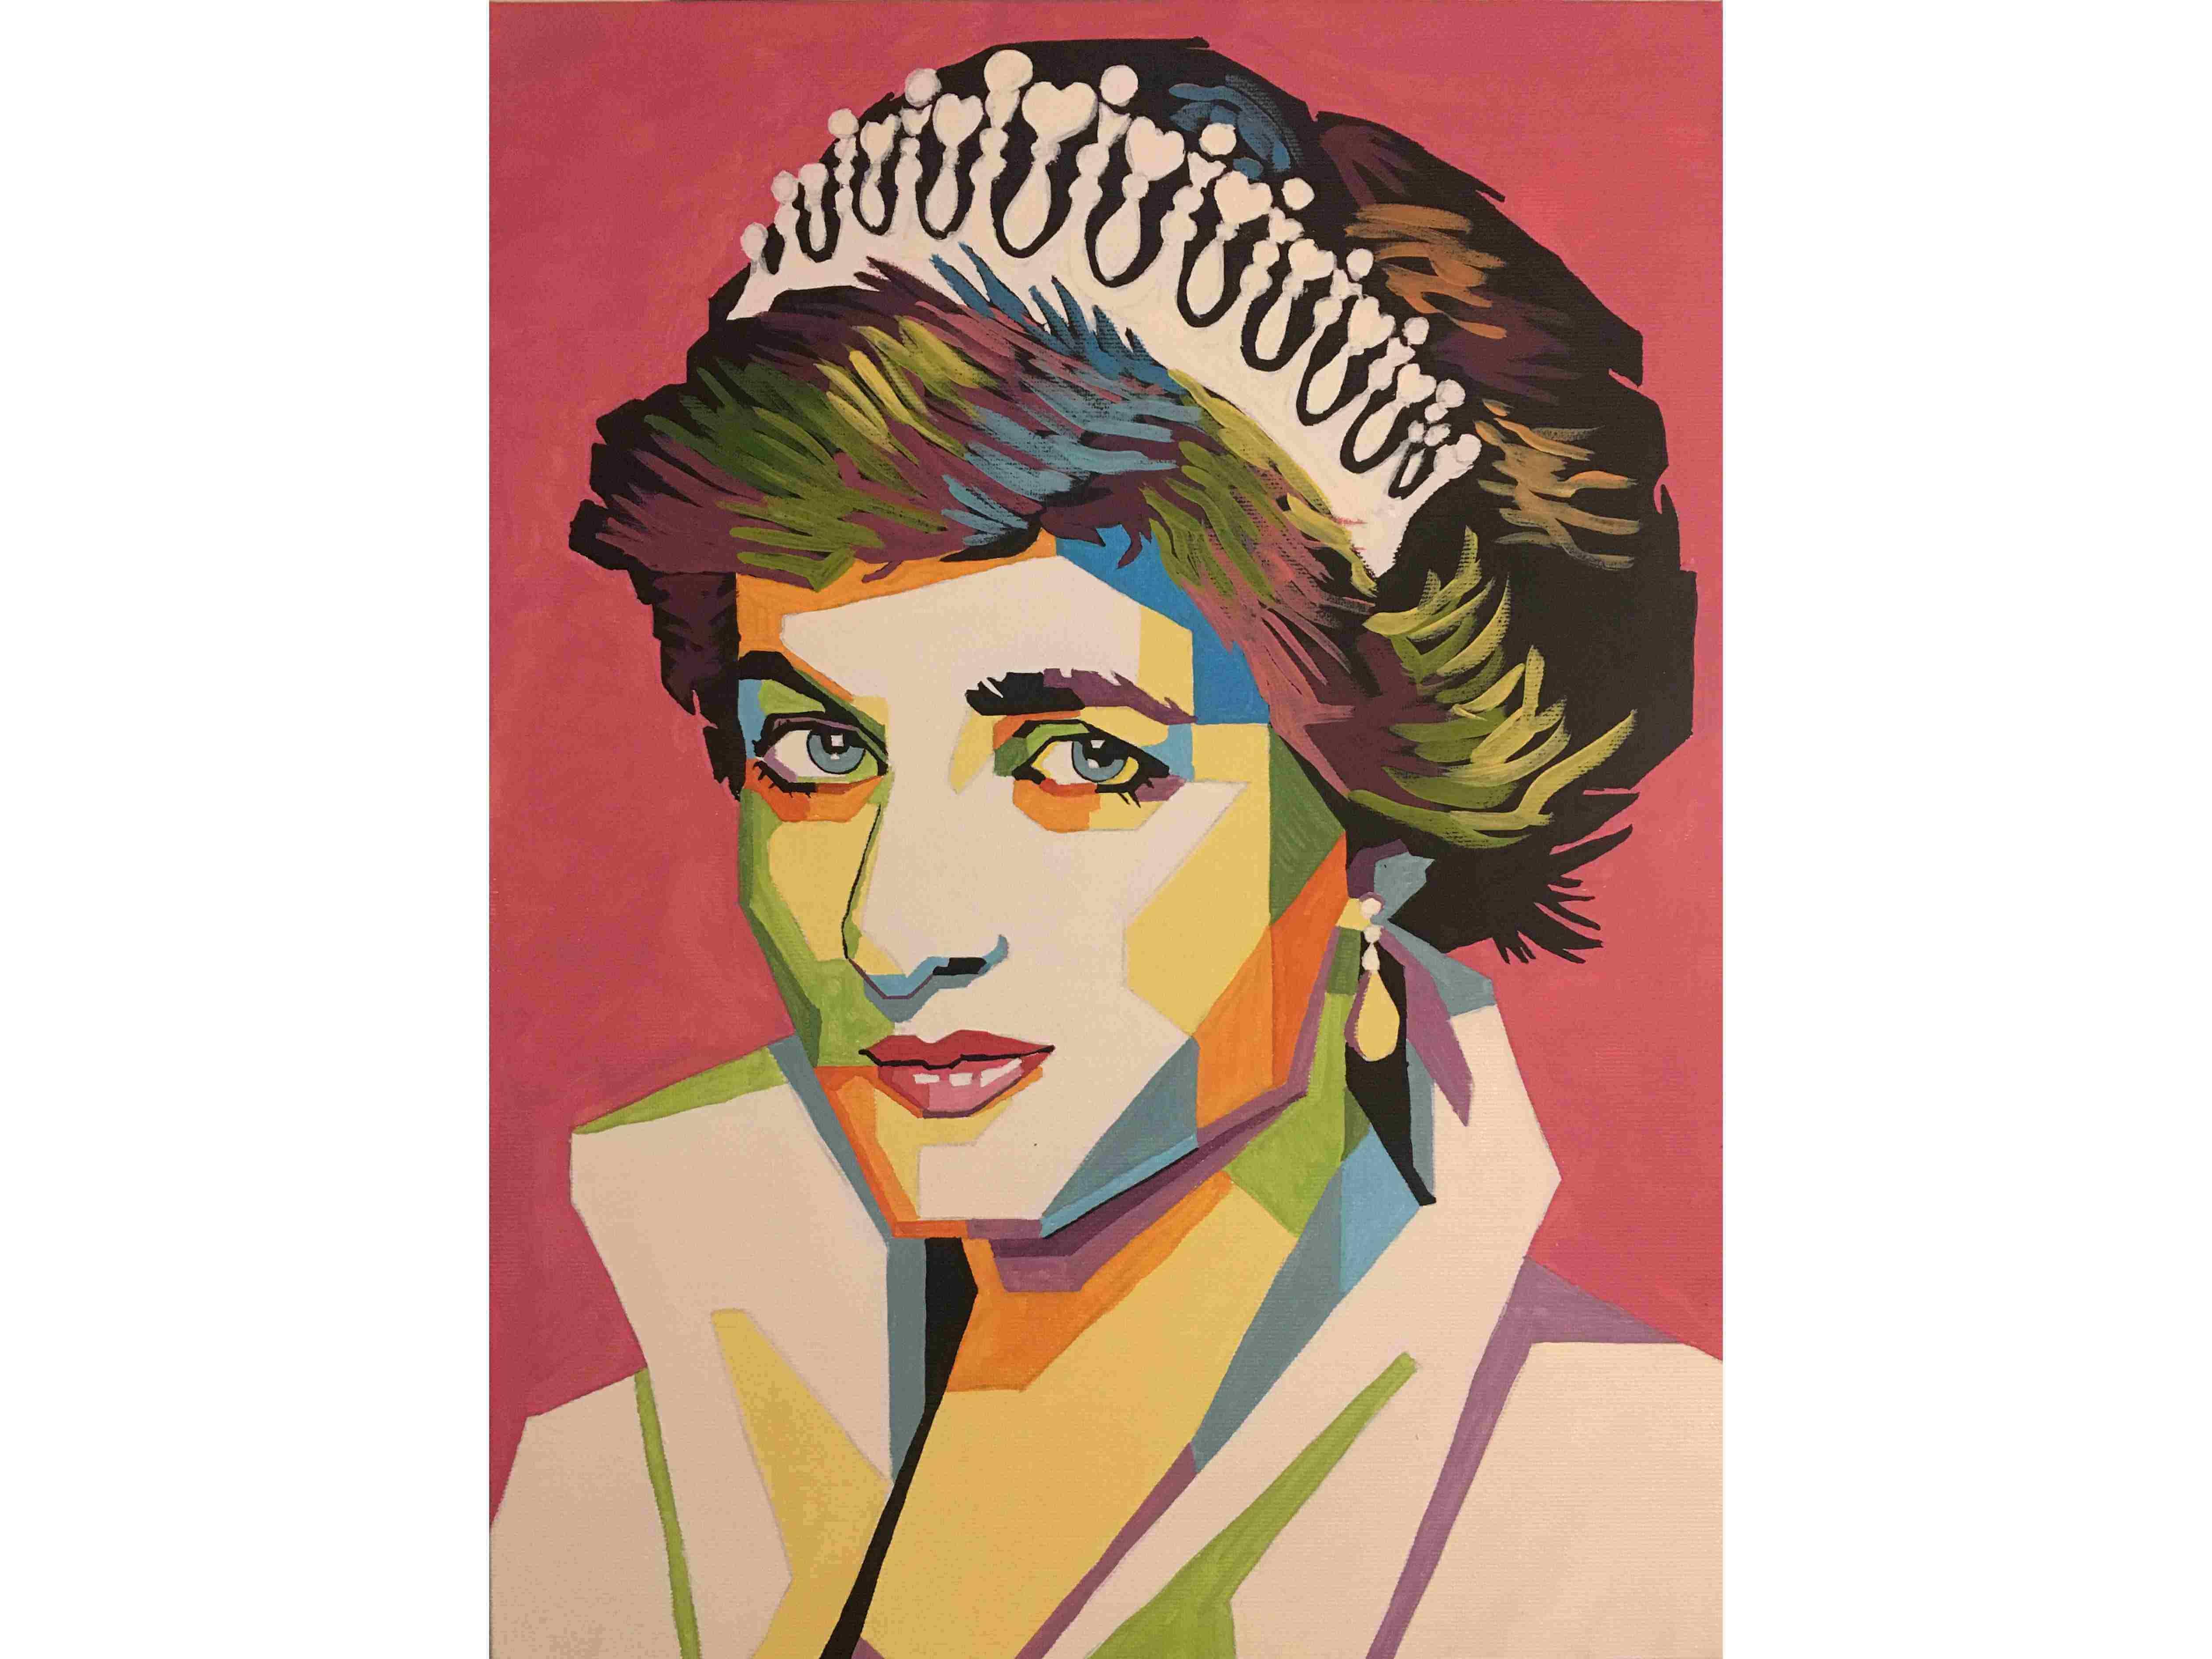 Релаксиране с чаша вино и рисуване на портрет на Лейди Даяна 27.03.2020 г.